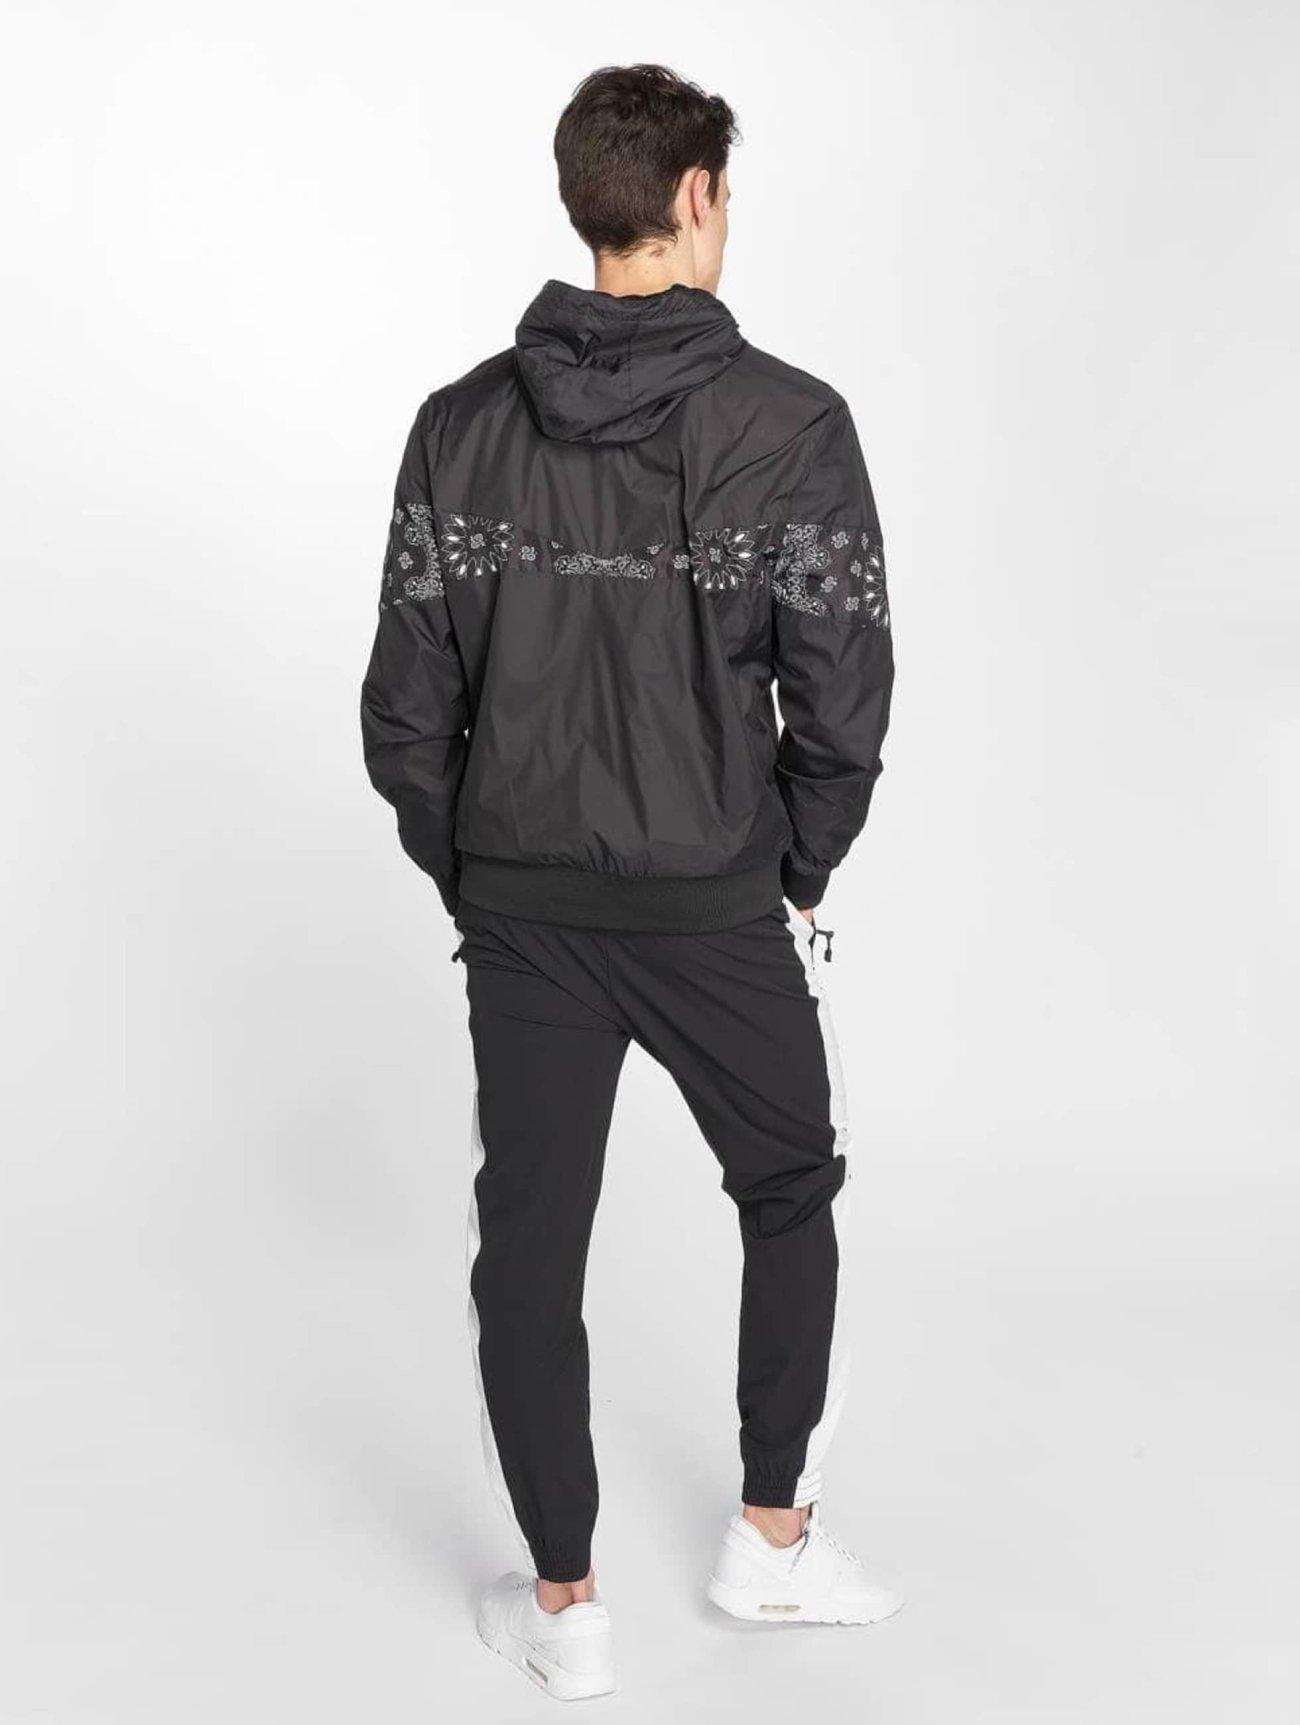 Urban Classics | Advanced Arrow  noir Homme Veste mi-saison légère  476143| Homme Manteaux & Vestes